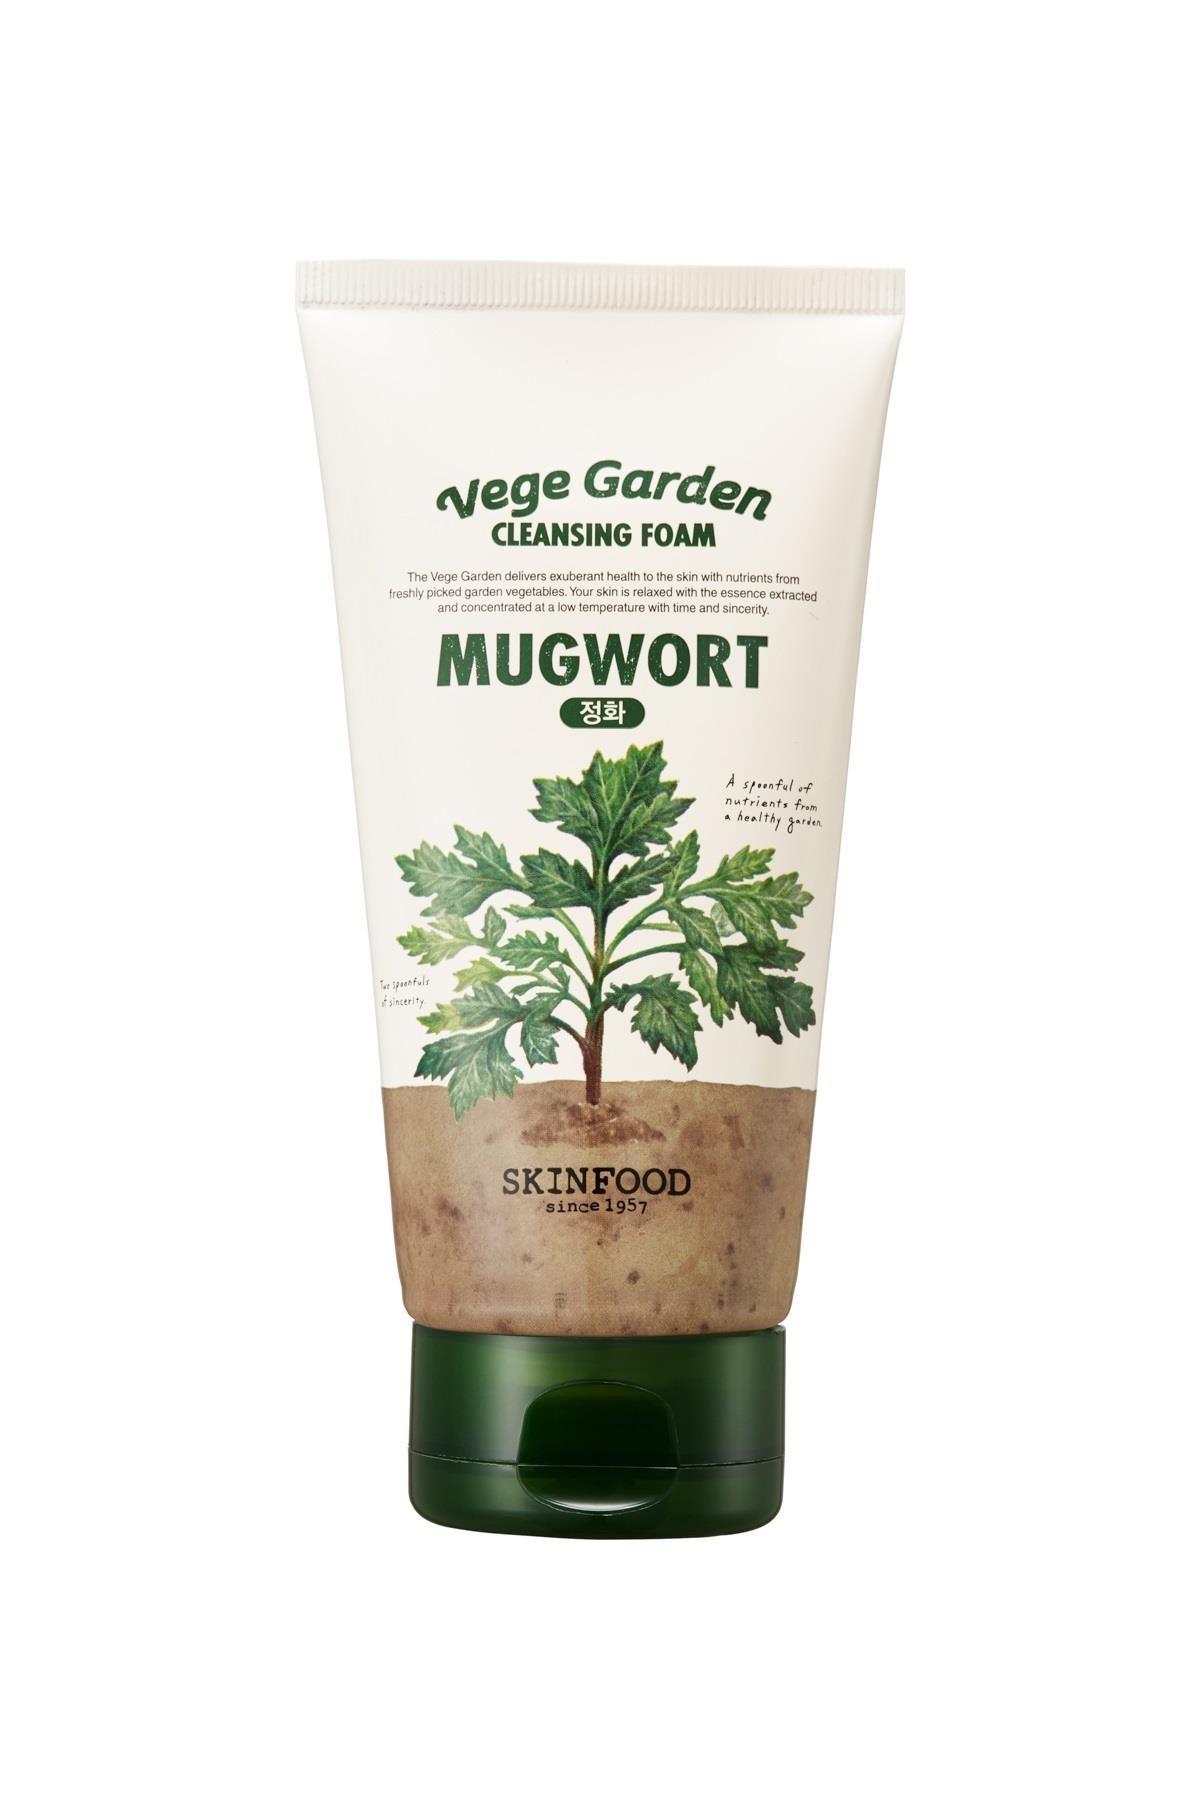 Yüz Temizleme Köpüğü - Vege Garden Cleansing Foam Mugwort 150 ml 8809427869915